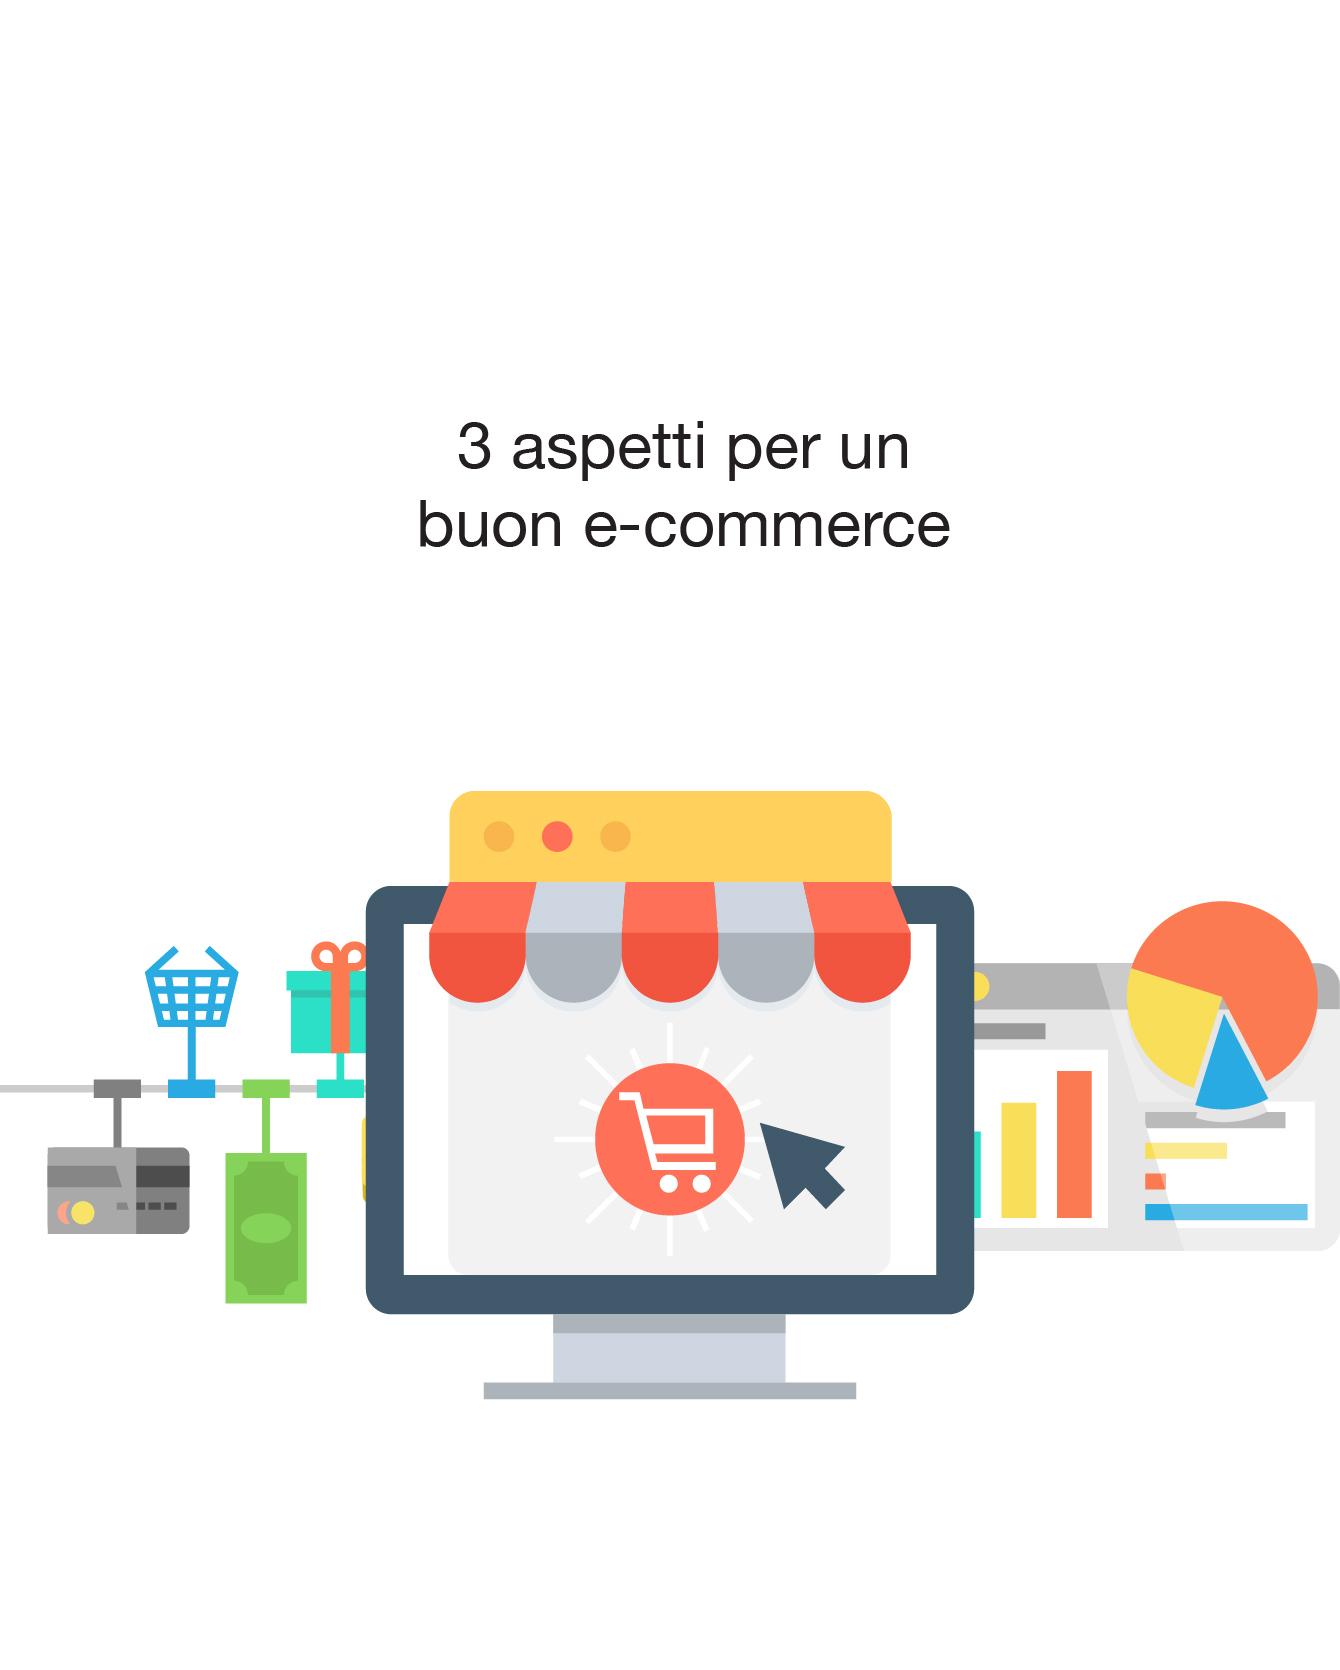 E-commerce: 3 aspetti da considerare per ottimizzarne la gestione